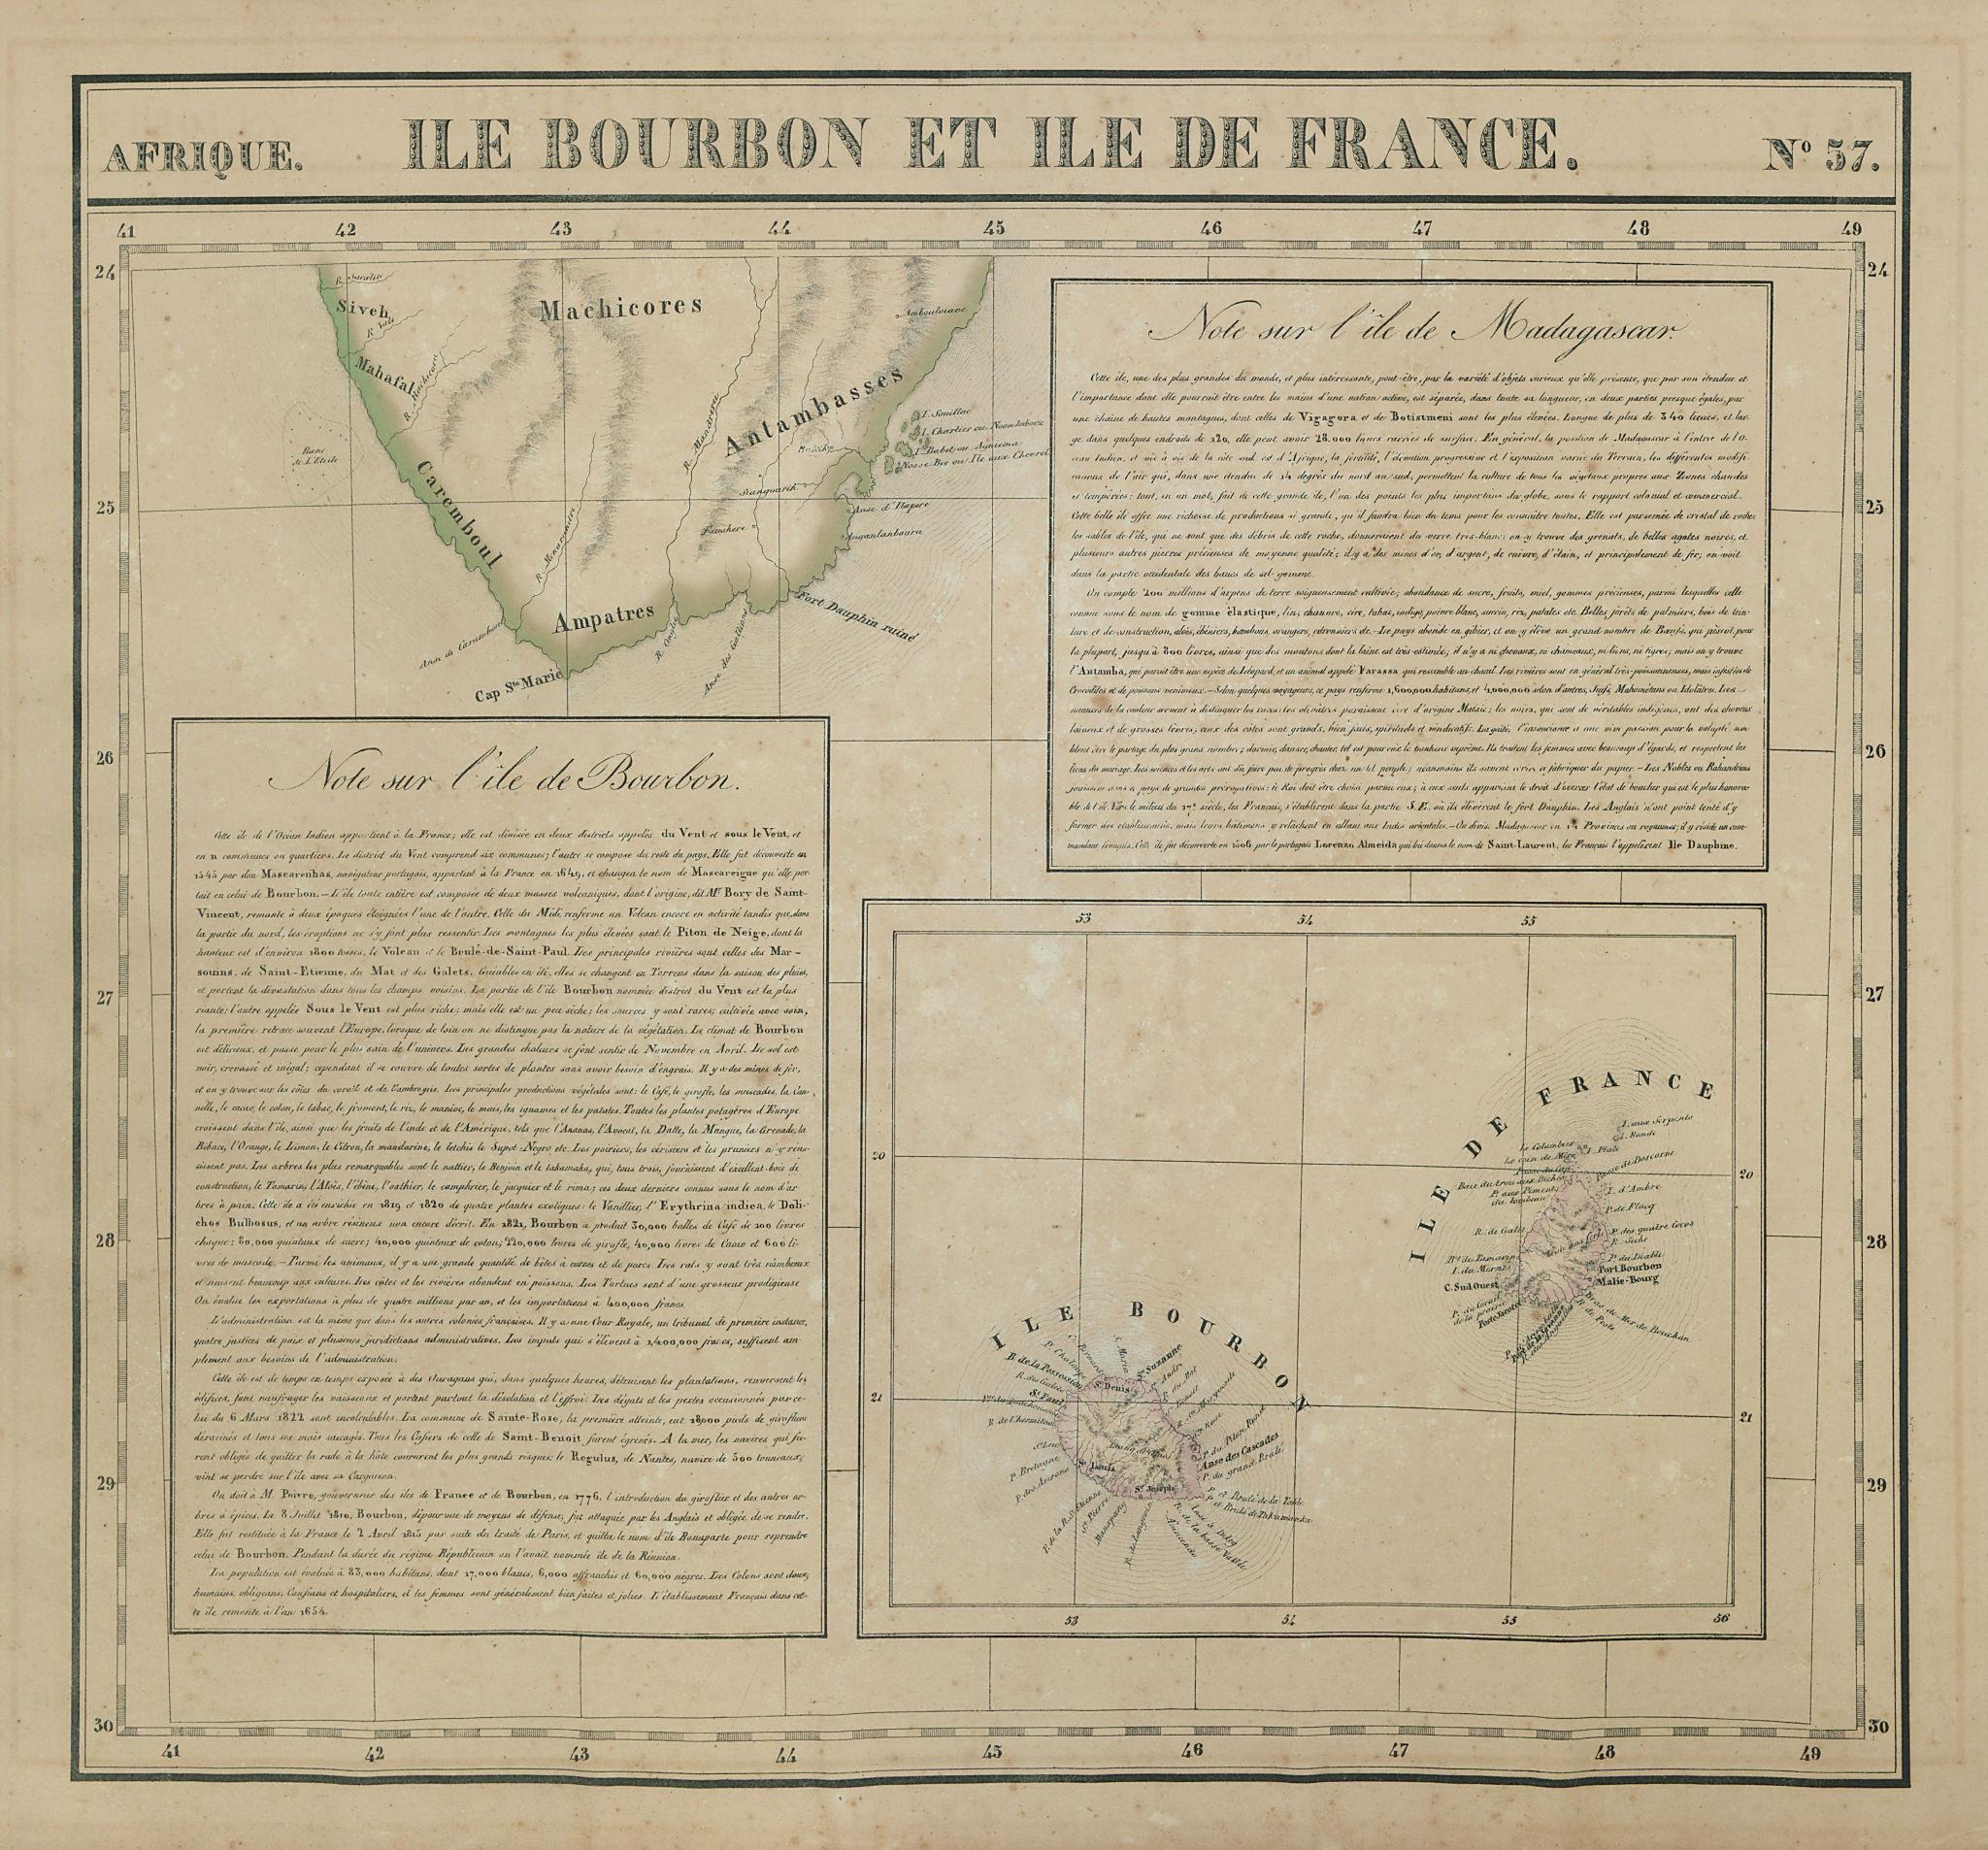 Afrique. Bourbon & Ile de France #57. Madagascar Mauritius VANDERMAELEN 1827 map